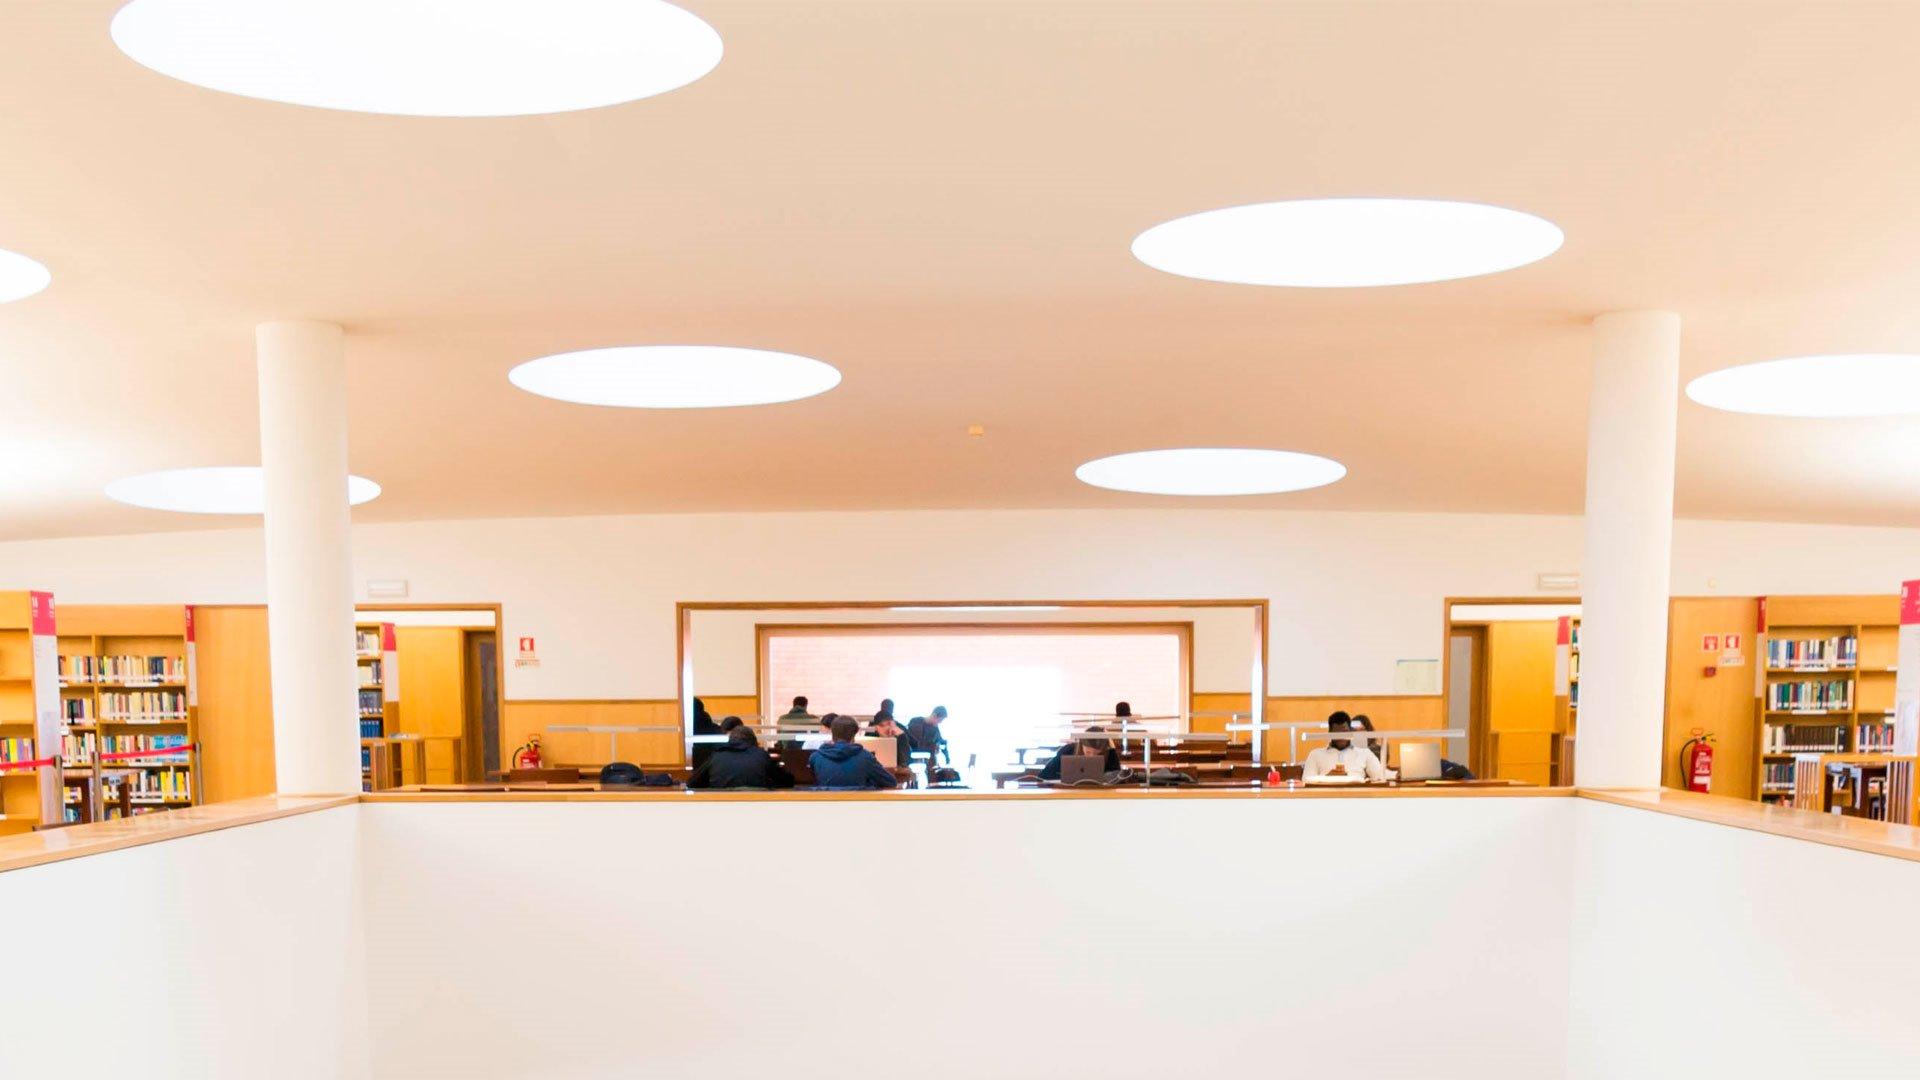 Jovens a estudar na biblioteca. Luzes no teto. Duas colunas na horizontal entre os estudantes. Secretárias.